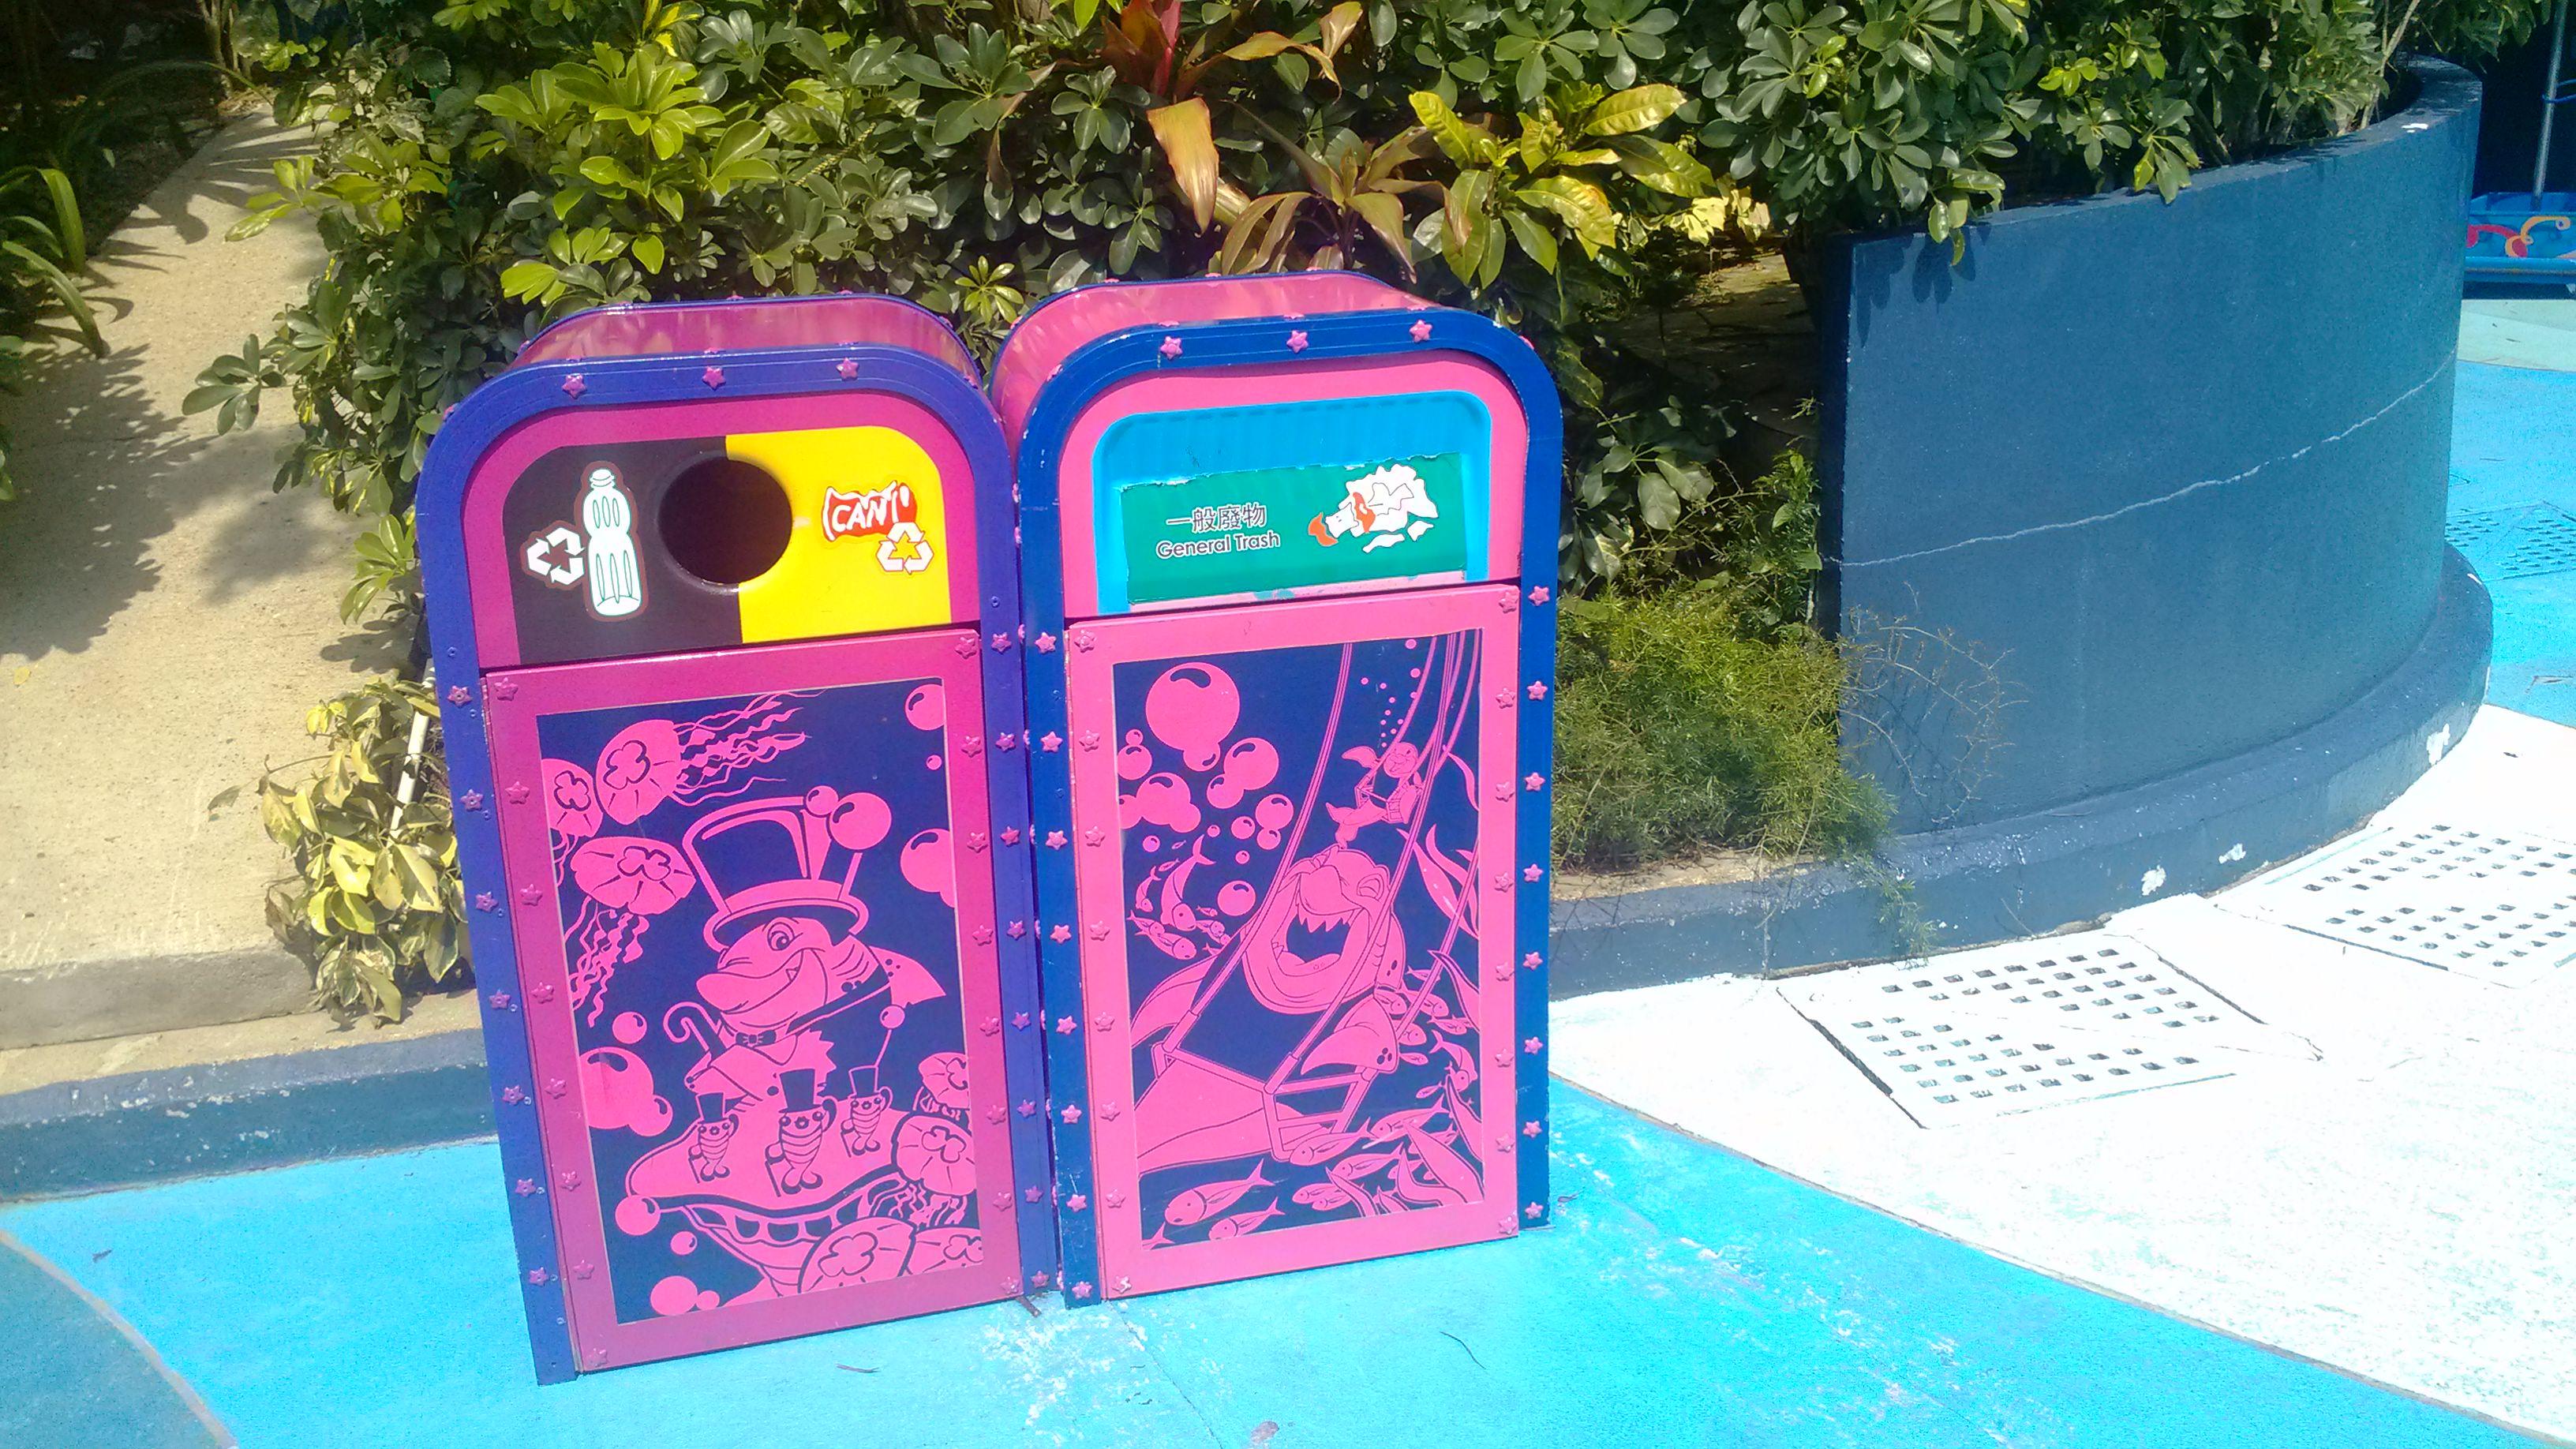 订单号:804900065 产品名称:香港+澳门5日自由行·先住香港后住澳门港进澳出 产品链接:http://vacations.ctrip.com/freetravel/p22510s2.html?para=pkg--22510---startcity--2 此行共四人,我,父母以及3岁不到的女儿。总体来说还是很顺利的,这要谢谢携程的旅游产品设计。 第一天是个大雨天,订的中午11店55分的飞机,10点到的机场,经过托运、安检、边检,差不多已经11点了。11点10分就要登机了,抽了10分钟帮同事